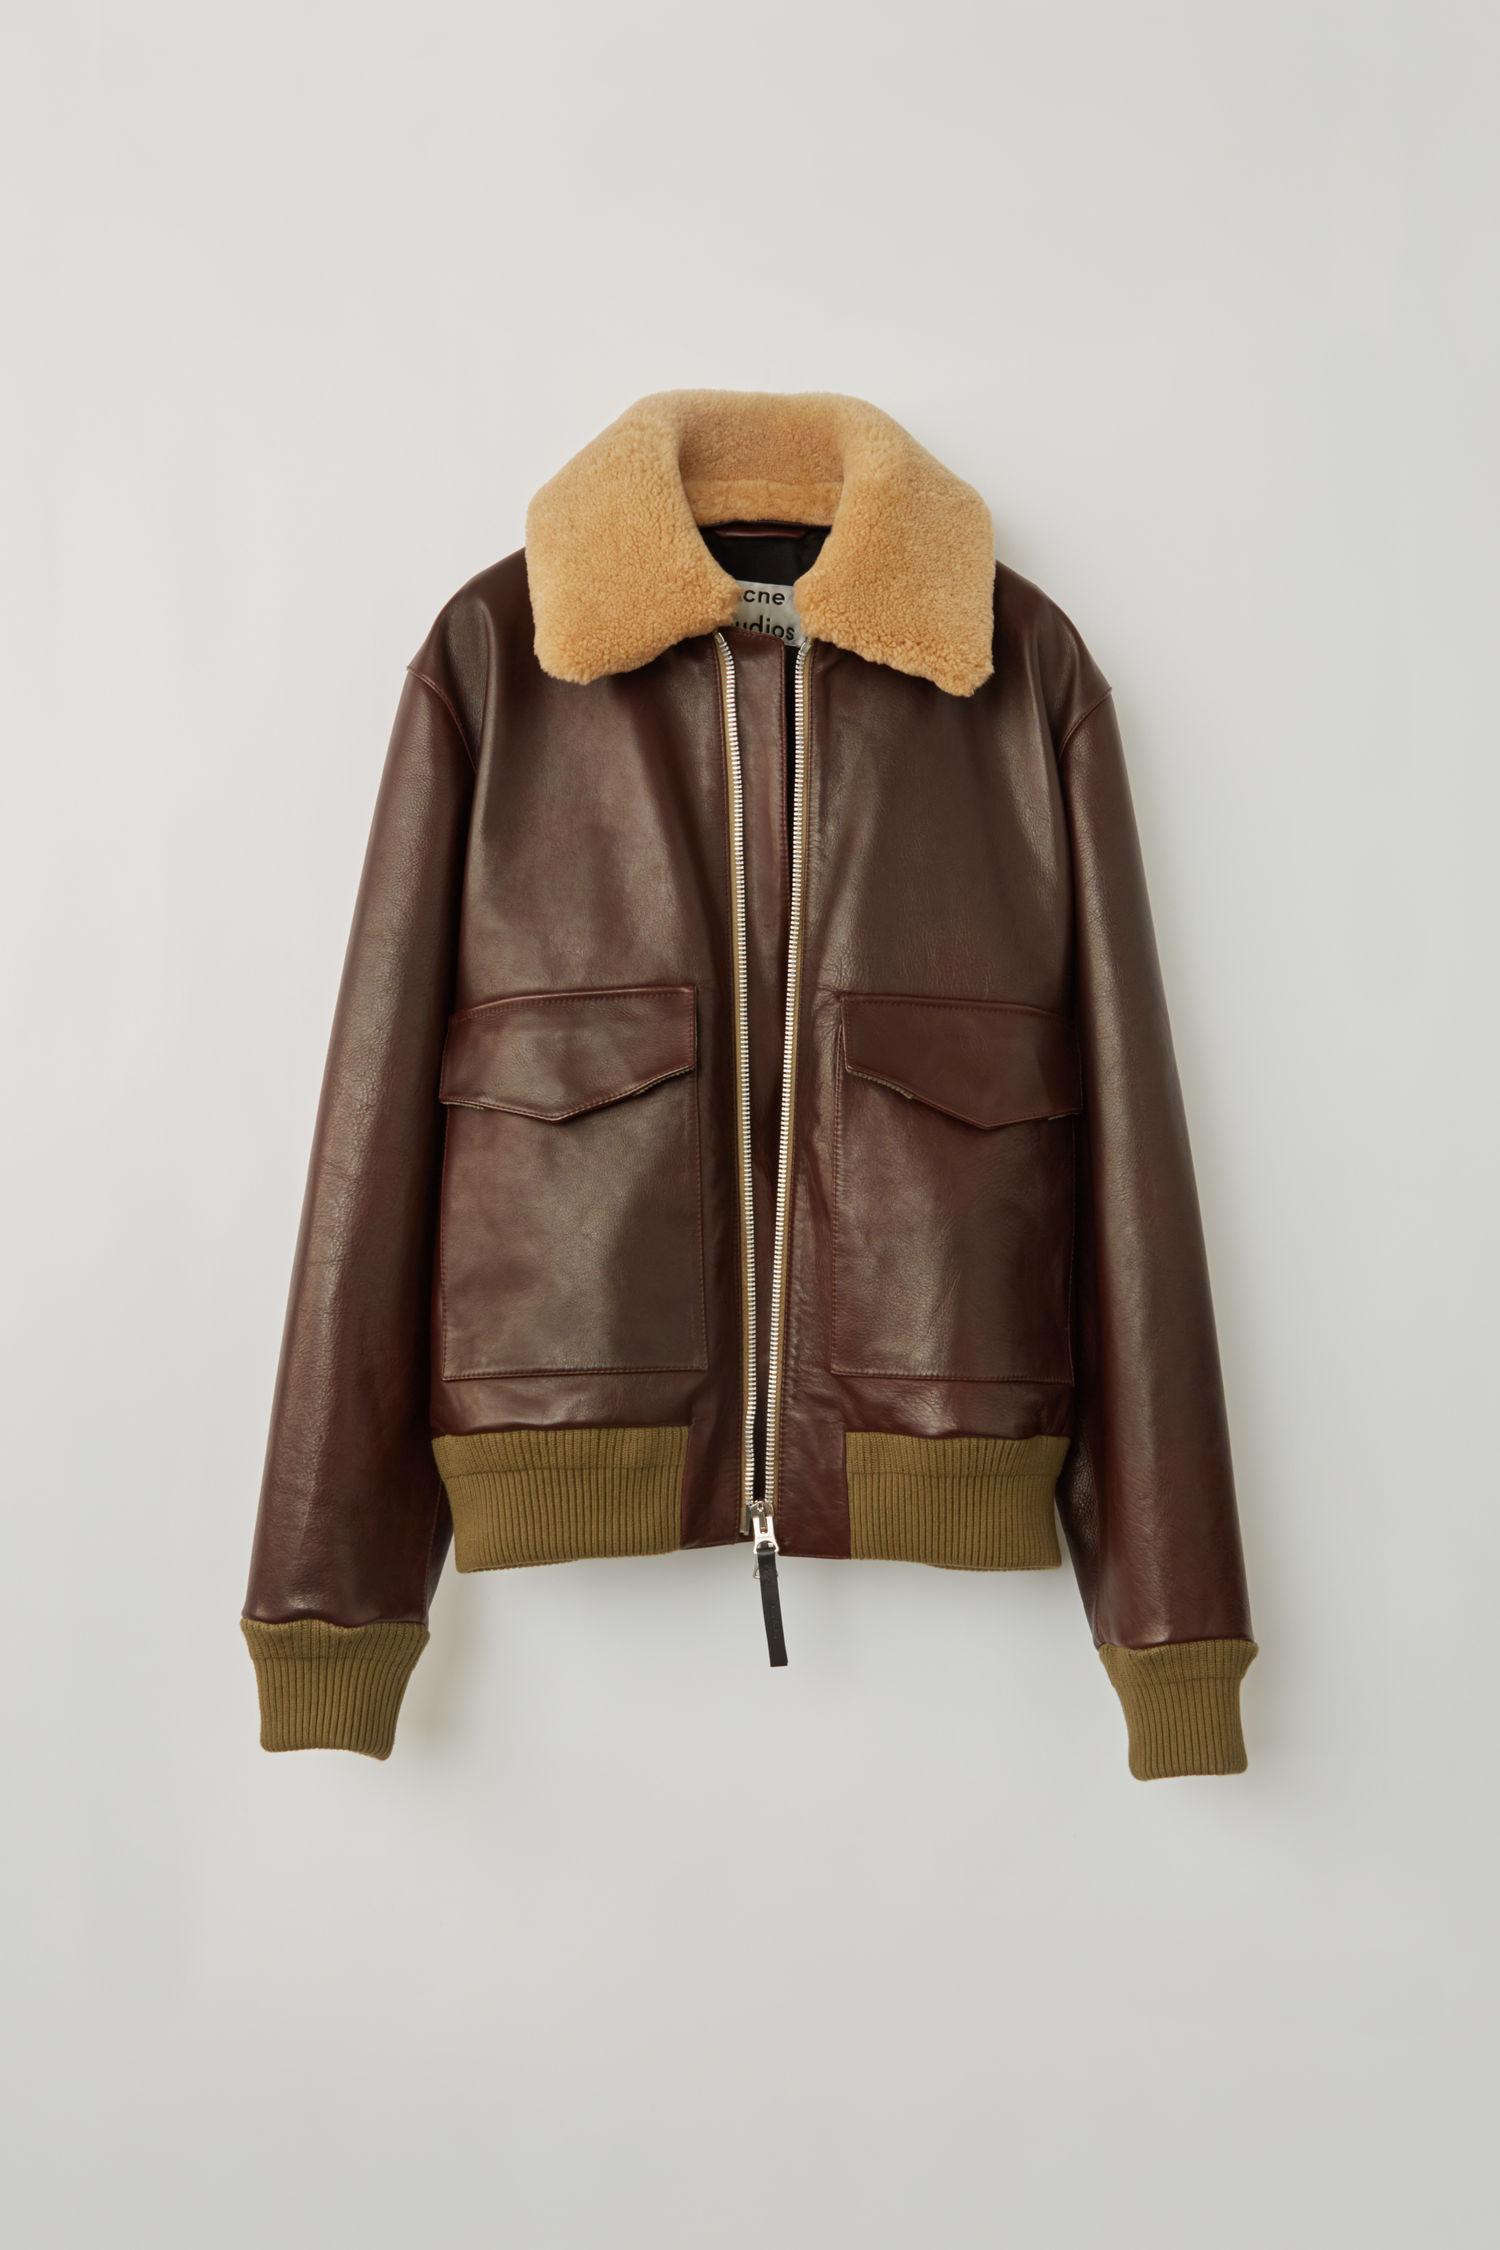 acne_studios_Leather_jacket_cognac_brown_1.jpg